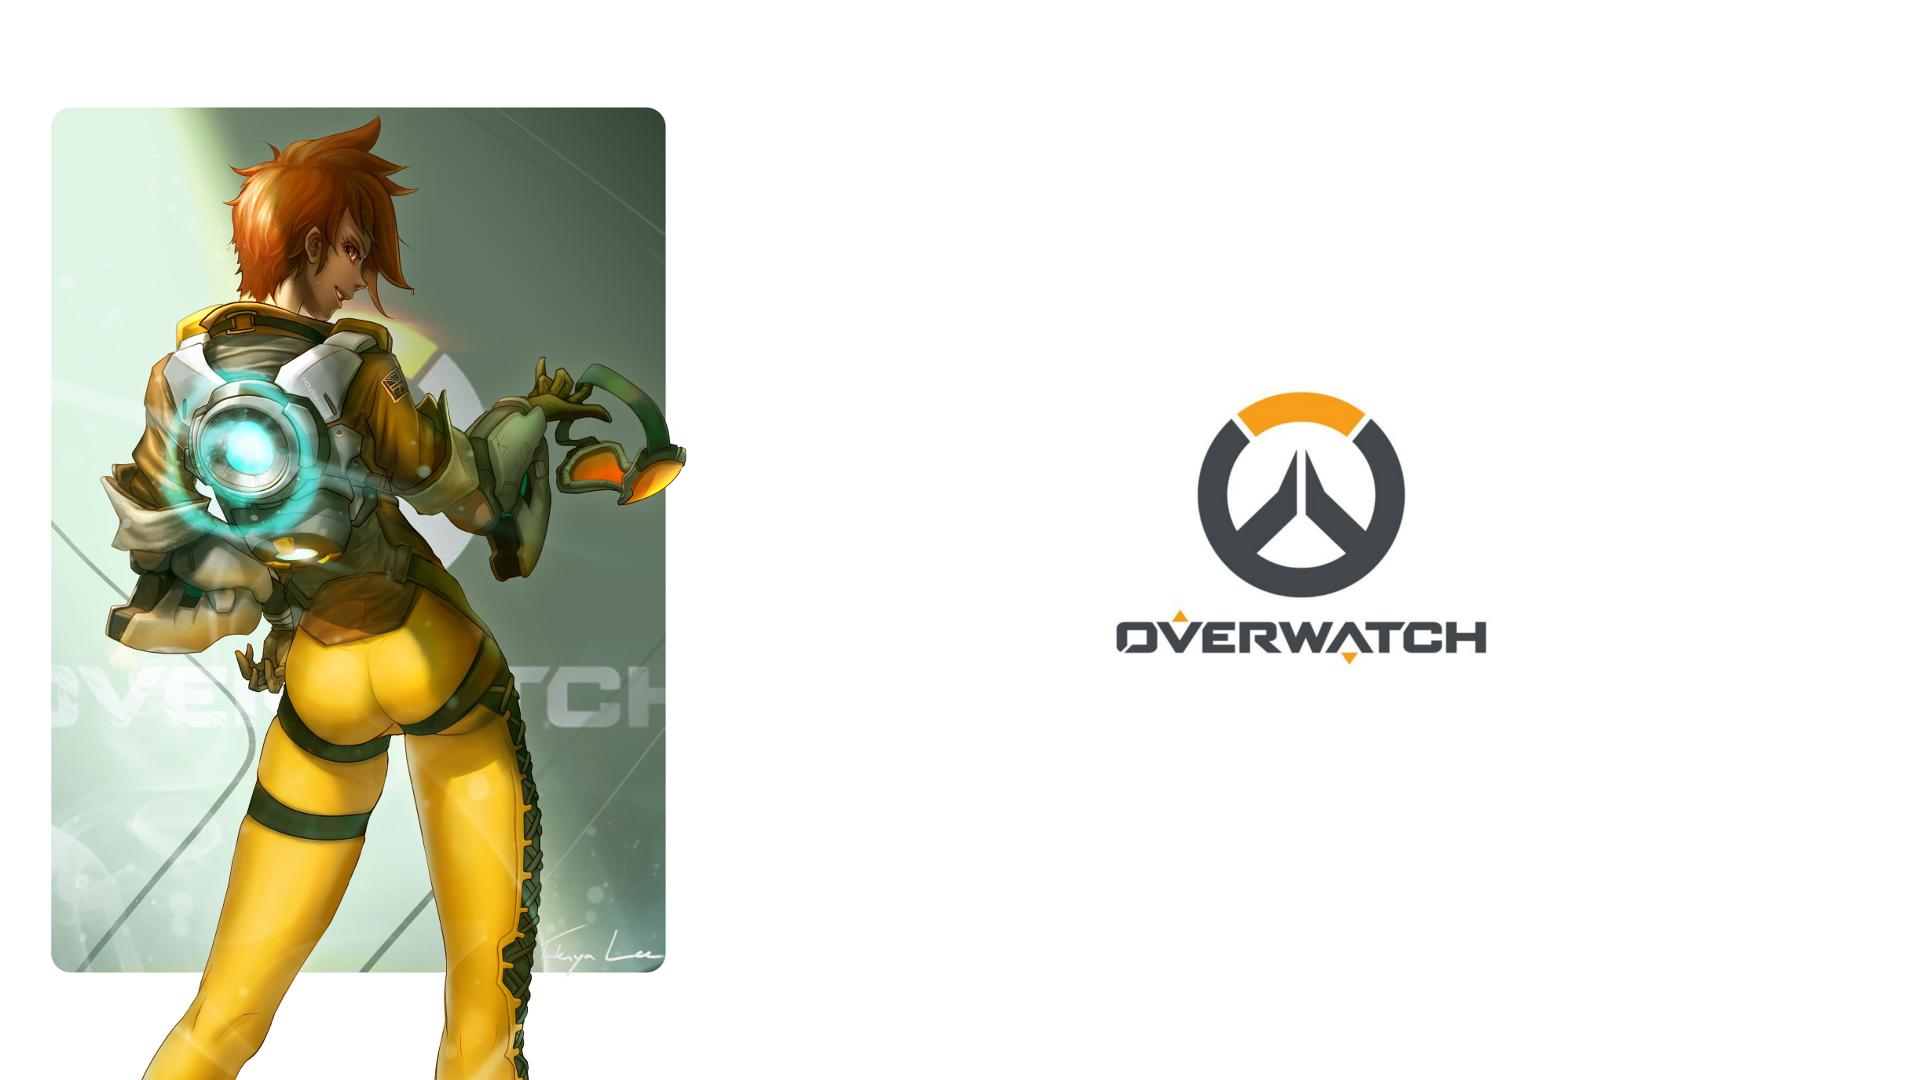 Overwatch Dual Screen Wallpaper: Glance HD Wallpaper